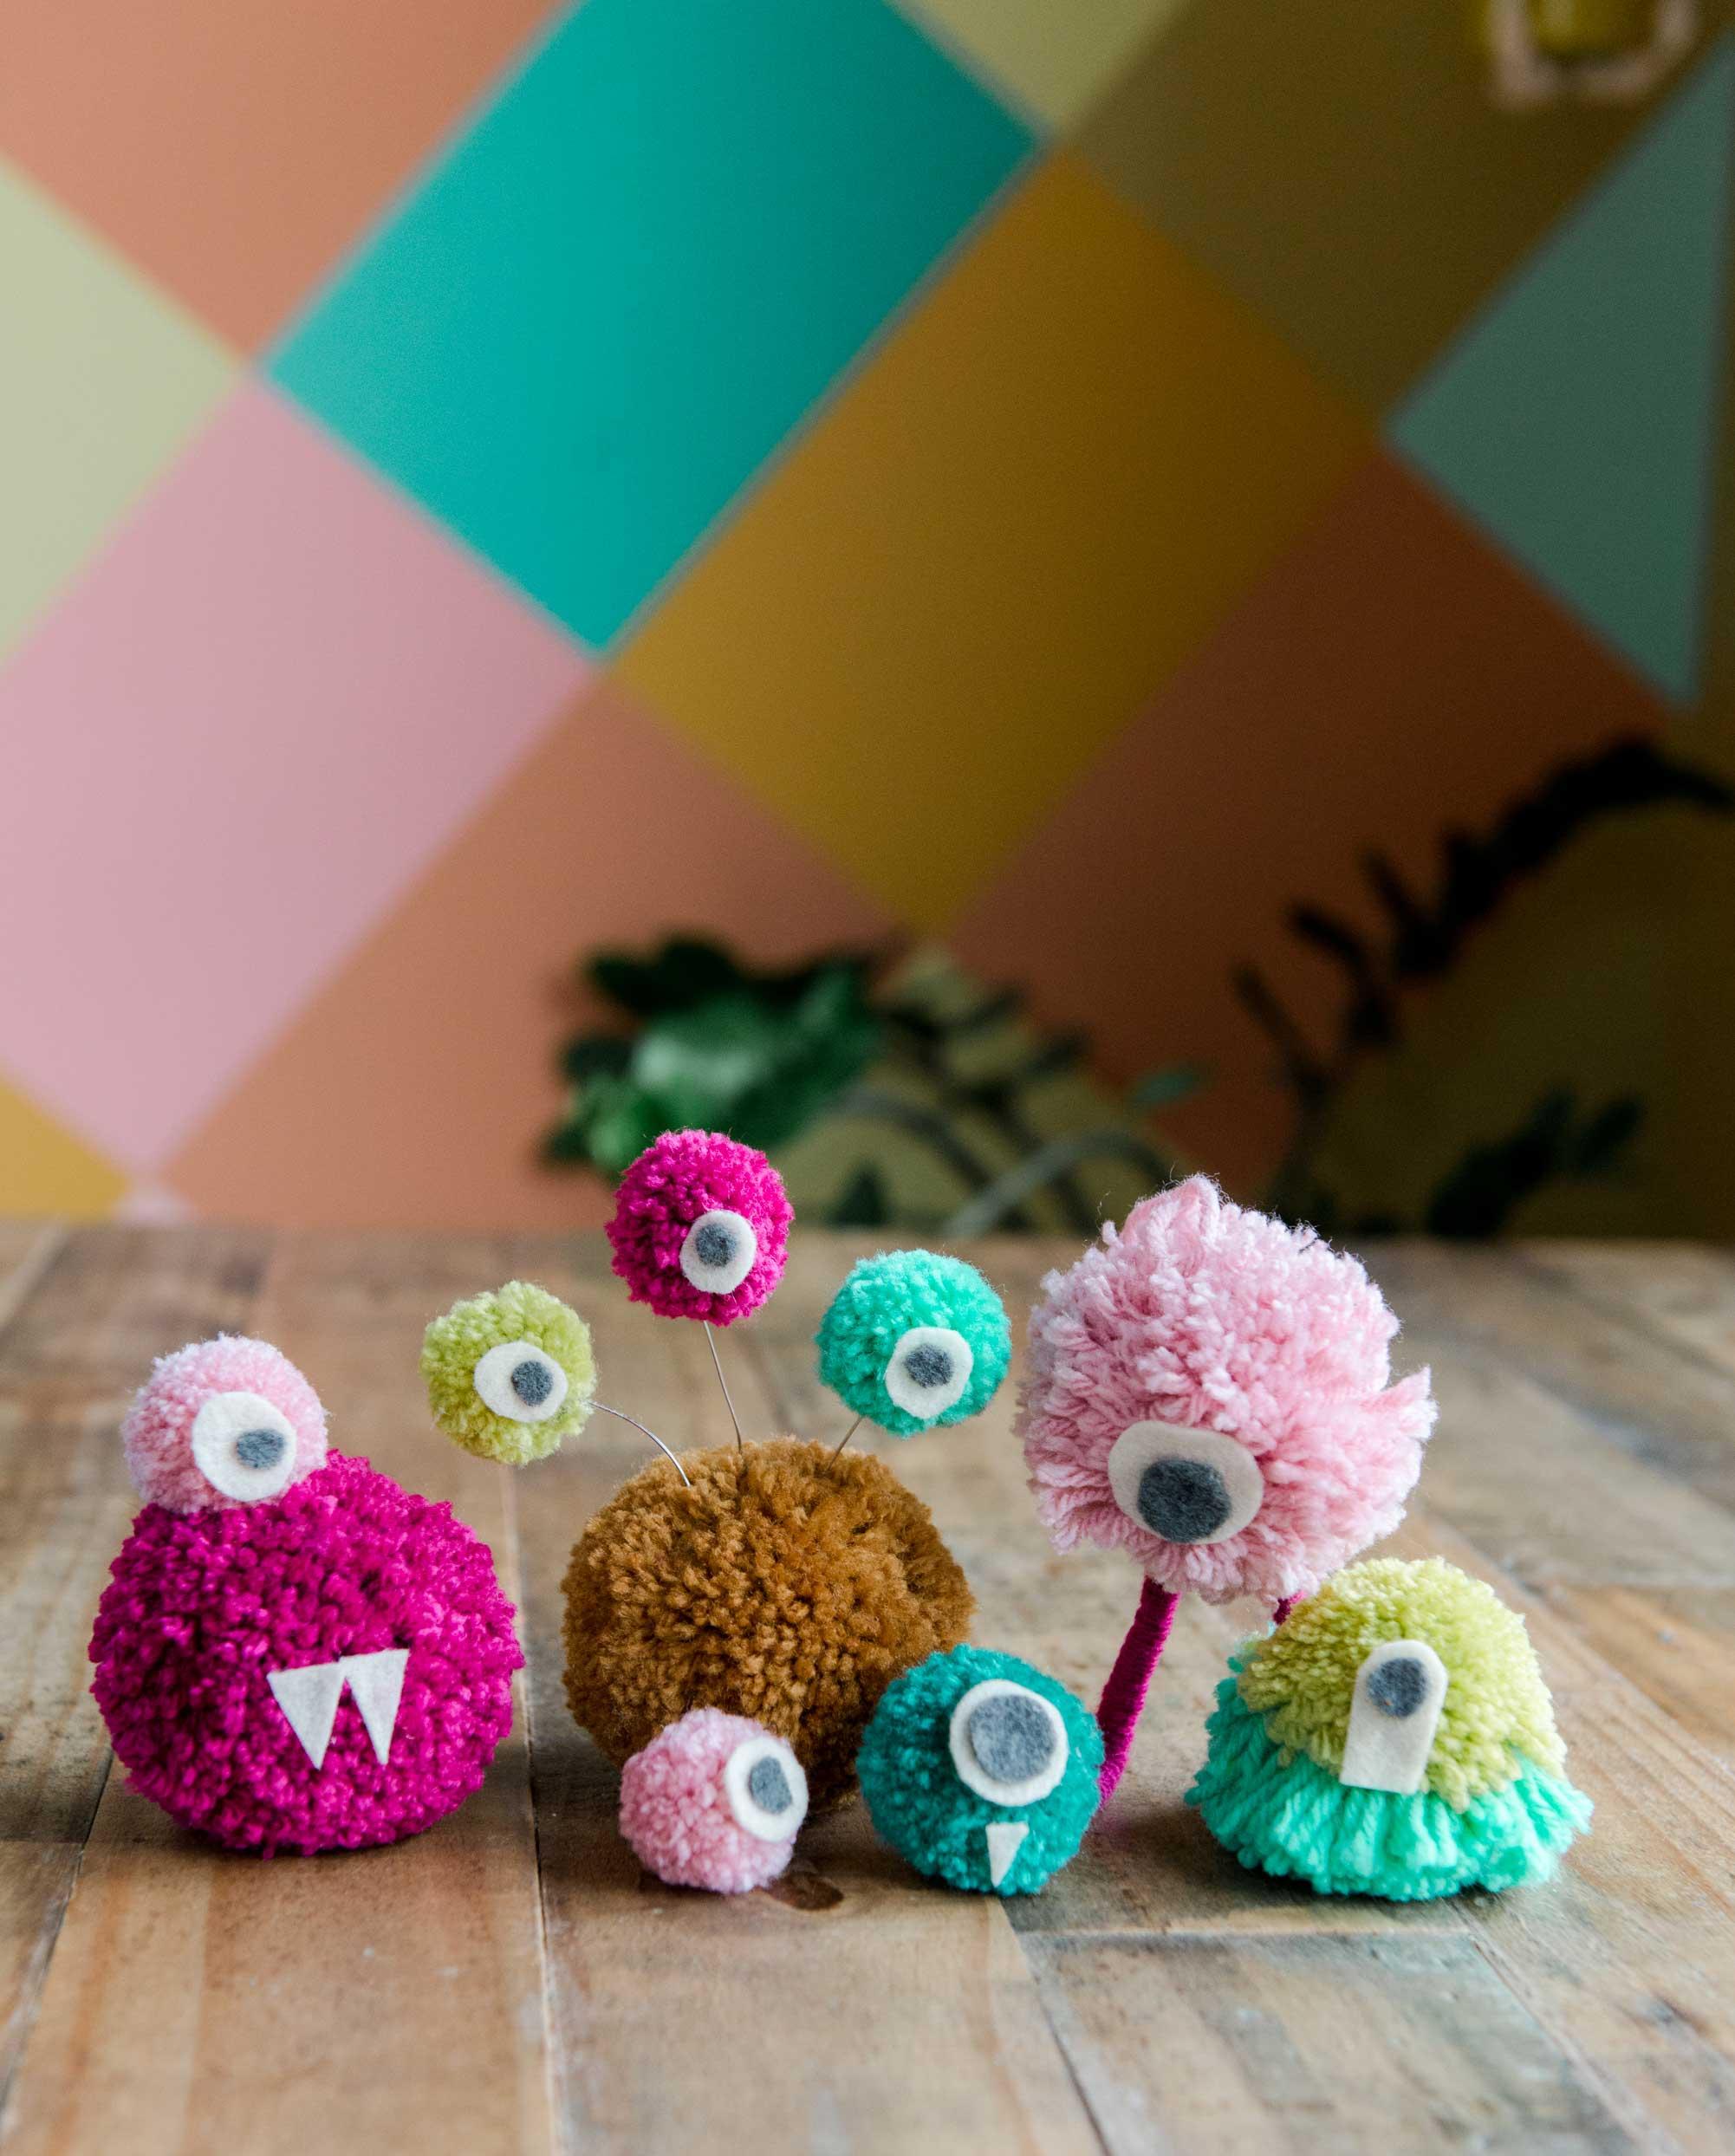 how to make a perfect yarn pom pom, pom pom monsters, how to make a pom pom monster, crafting through corona, kids craft ideas, kids crafting, kids rainy day activities